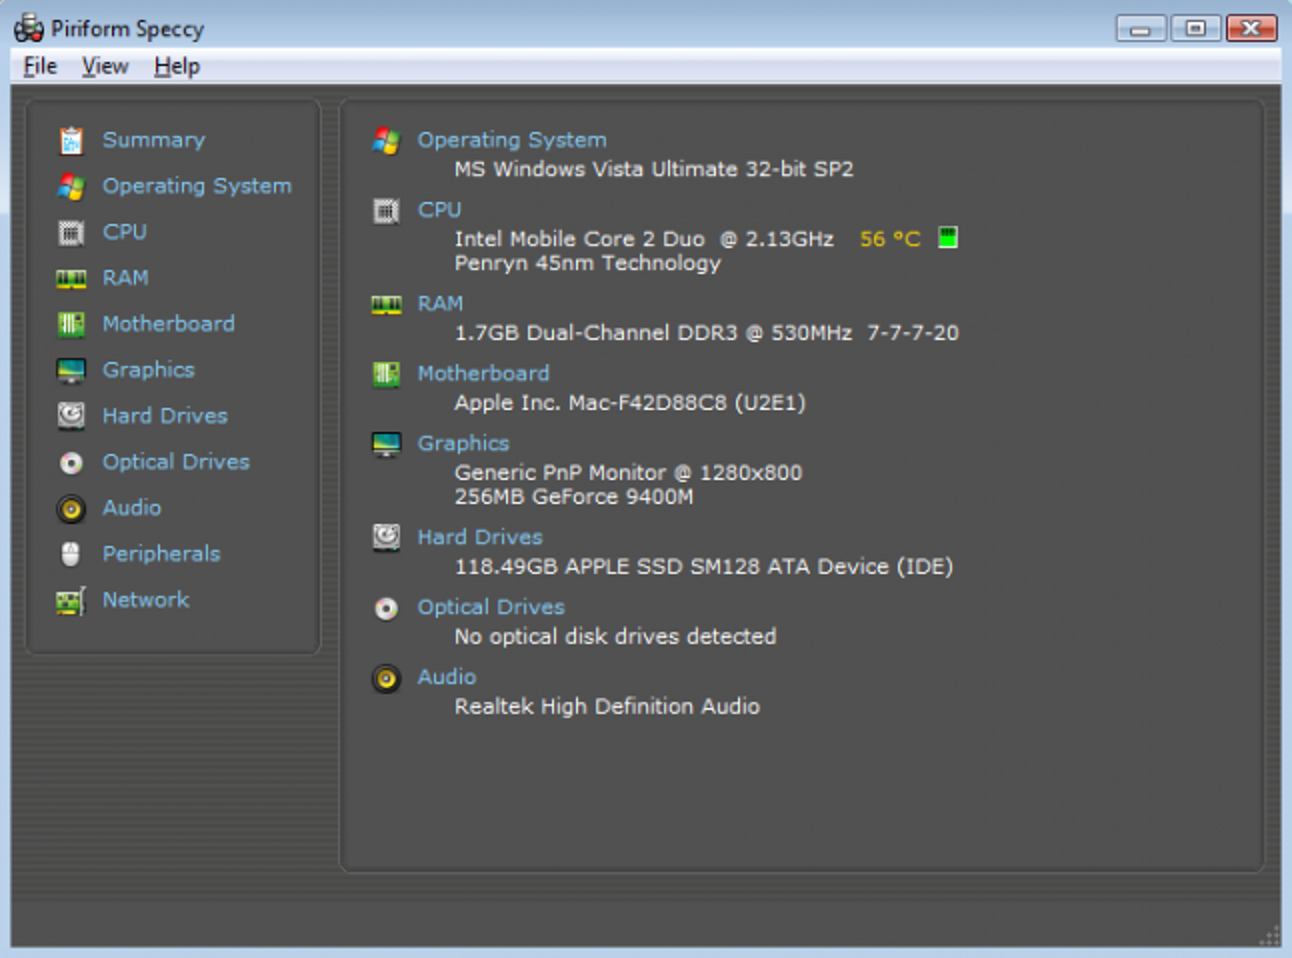 Welche Art von Speicher hat mein Computer installiert?